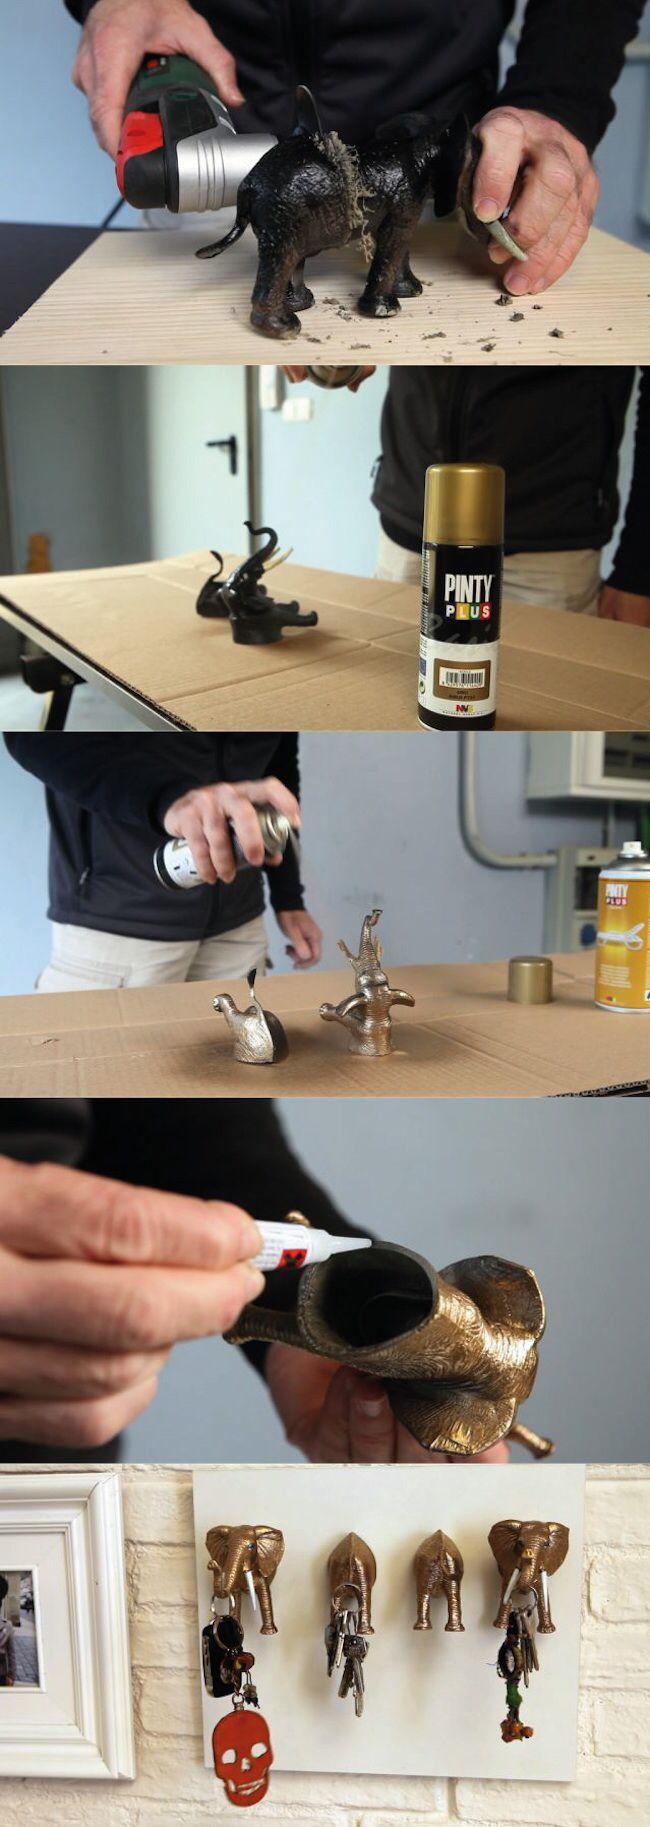 transformamos unos muecos olvidados en un colgador de llaves con pintura en spray pintyplus y el equipo de bricomana shakingcolors briconsejo brico - Bricomania Pintura